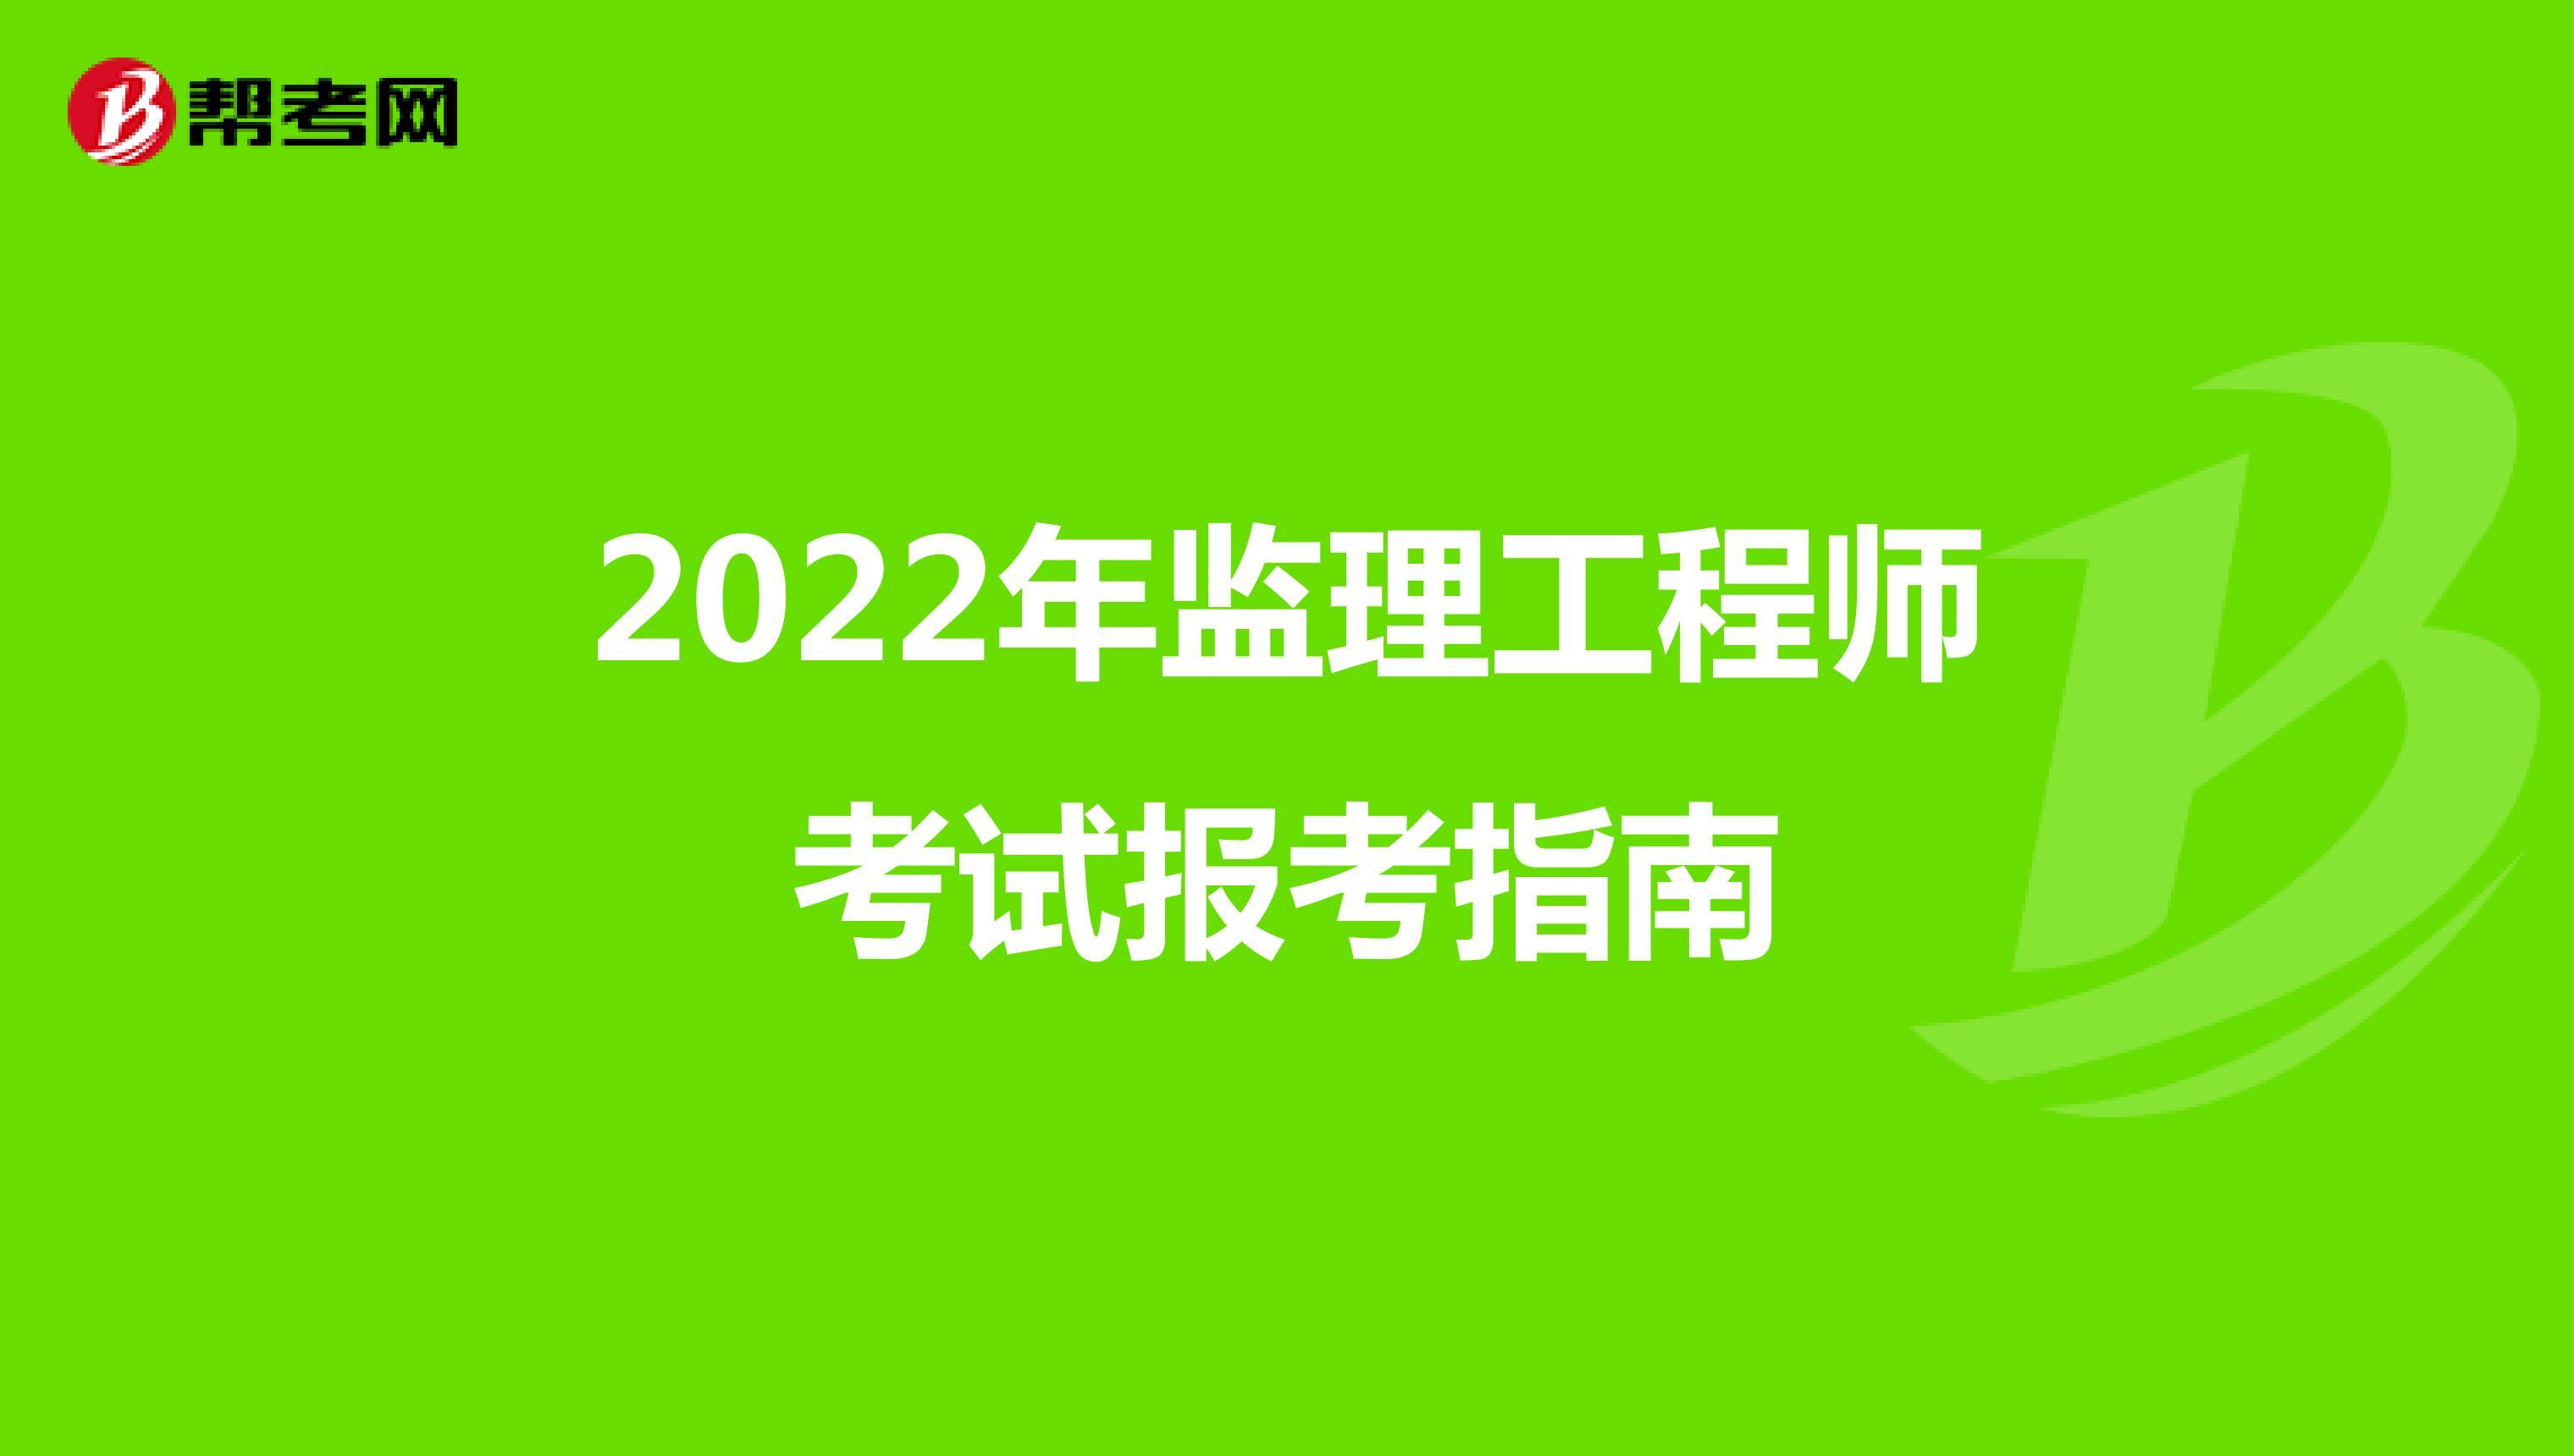 2022年监理工程师考试报考指南